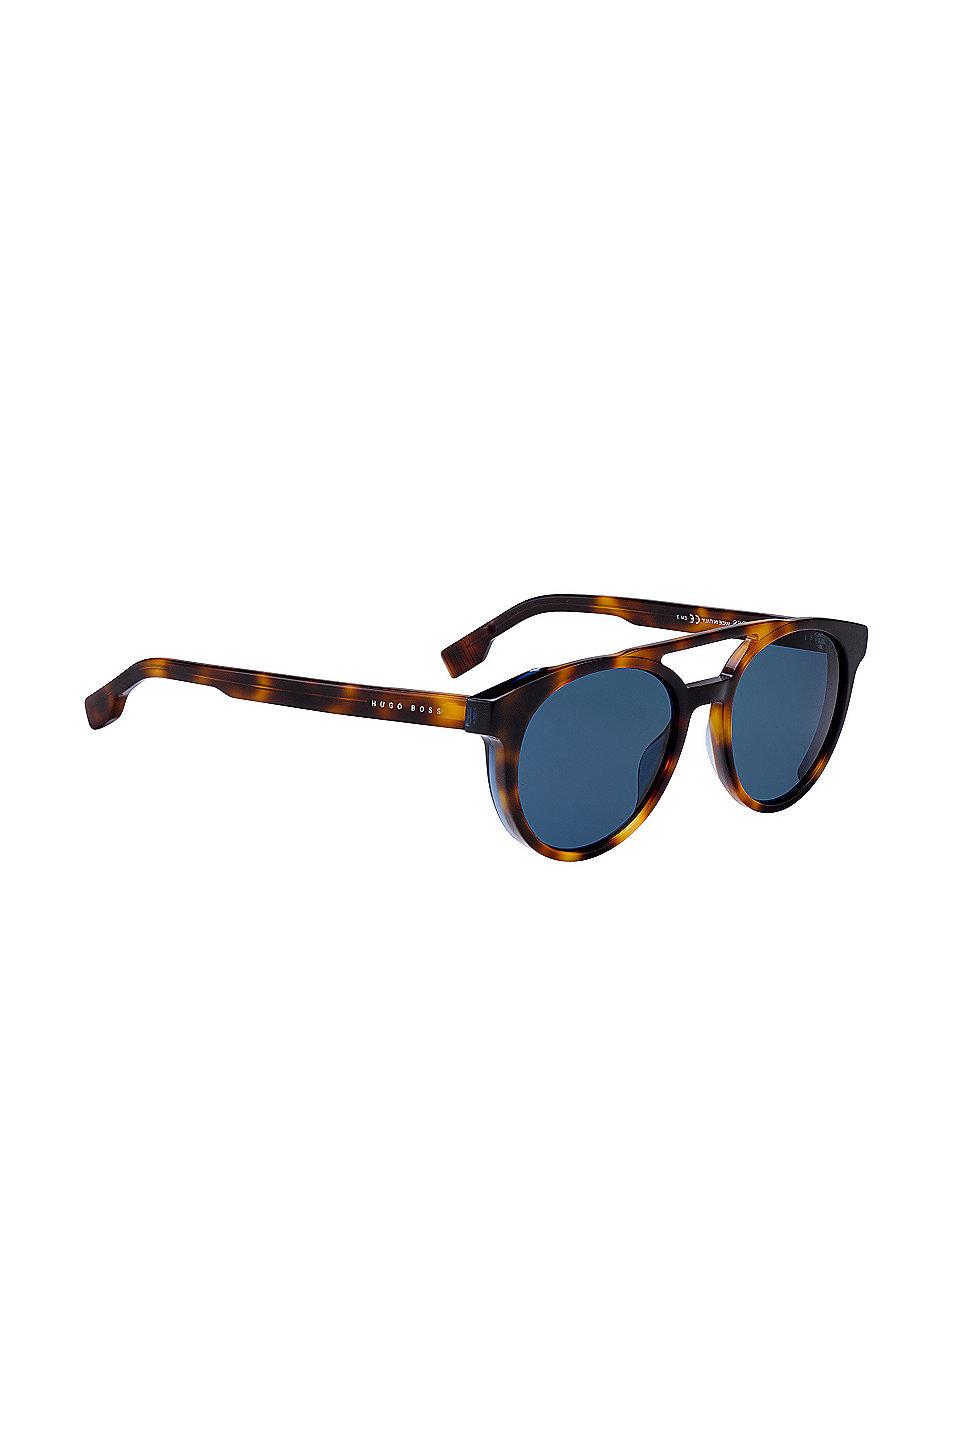 Gafas de sol de hombre   Elegancia para su estilo   HUGO BOSS